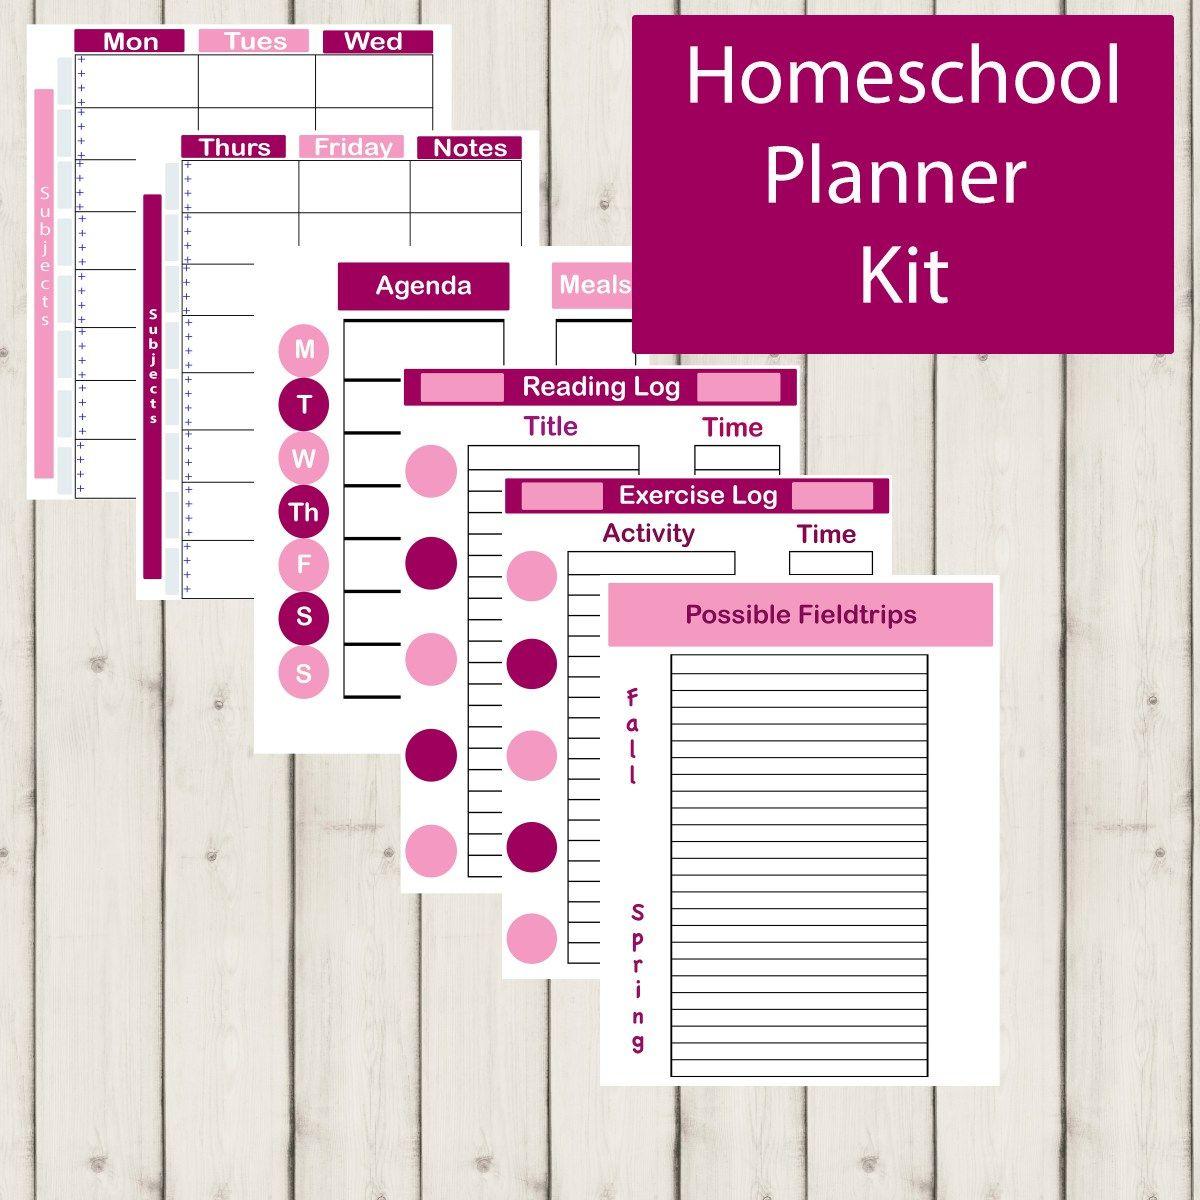 Homeschool Planning Set 4 Homeschool planner, Homeschool